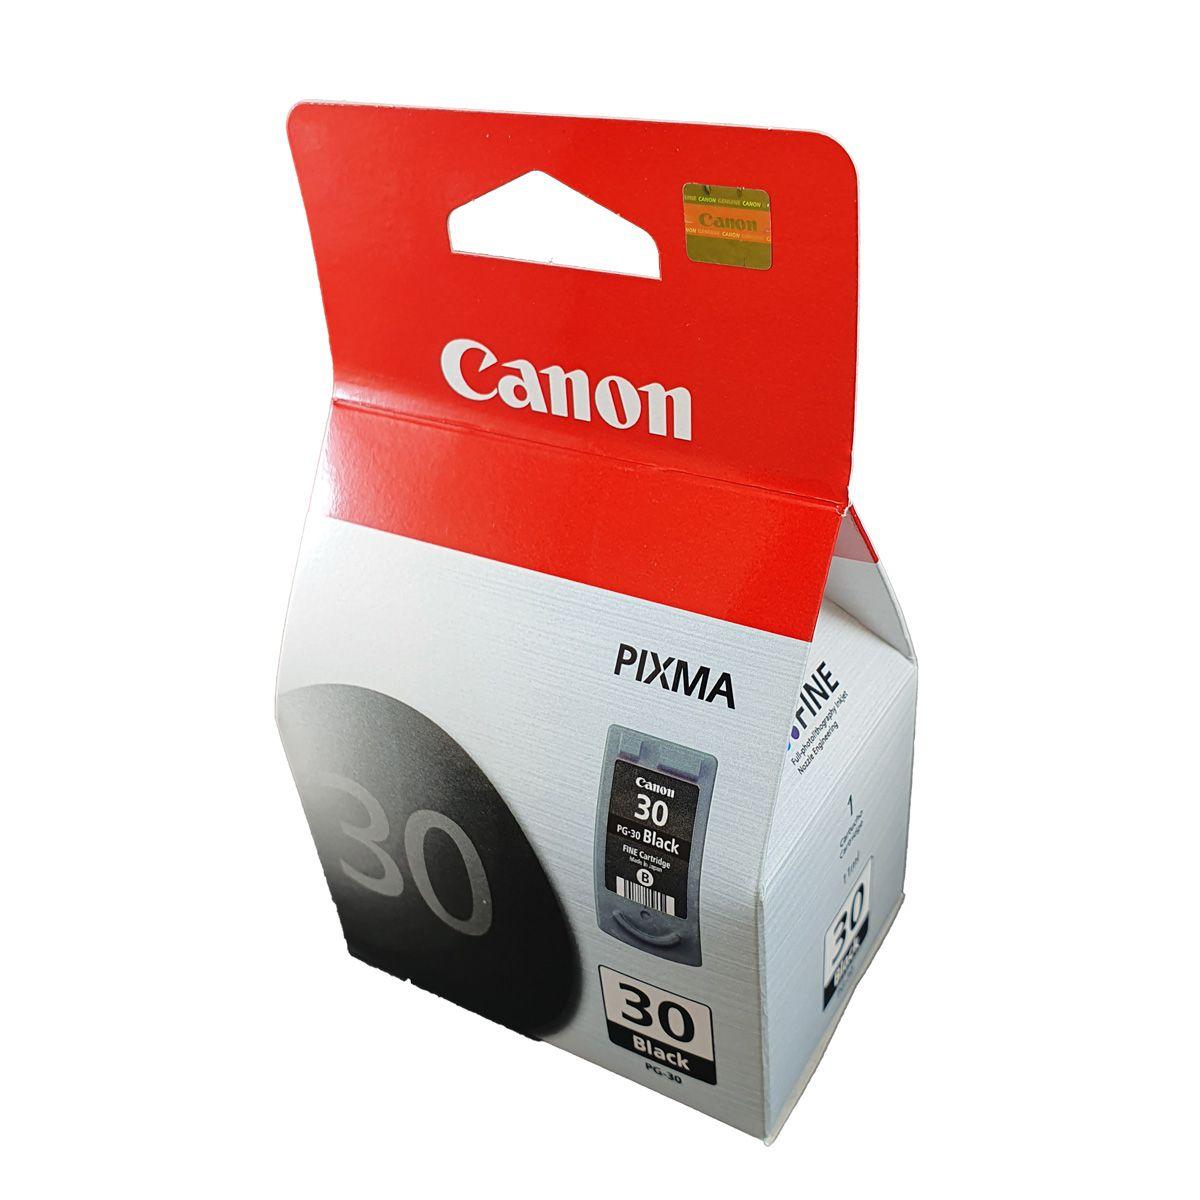 Cartucho Canon PG30 preto para Pixma IP1800 MP140 MP190